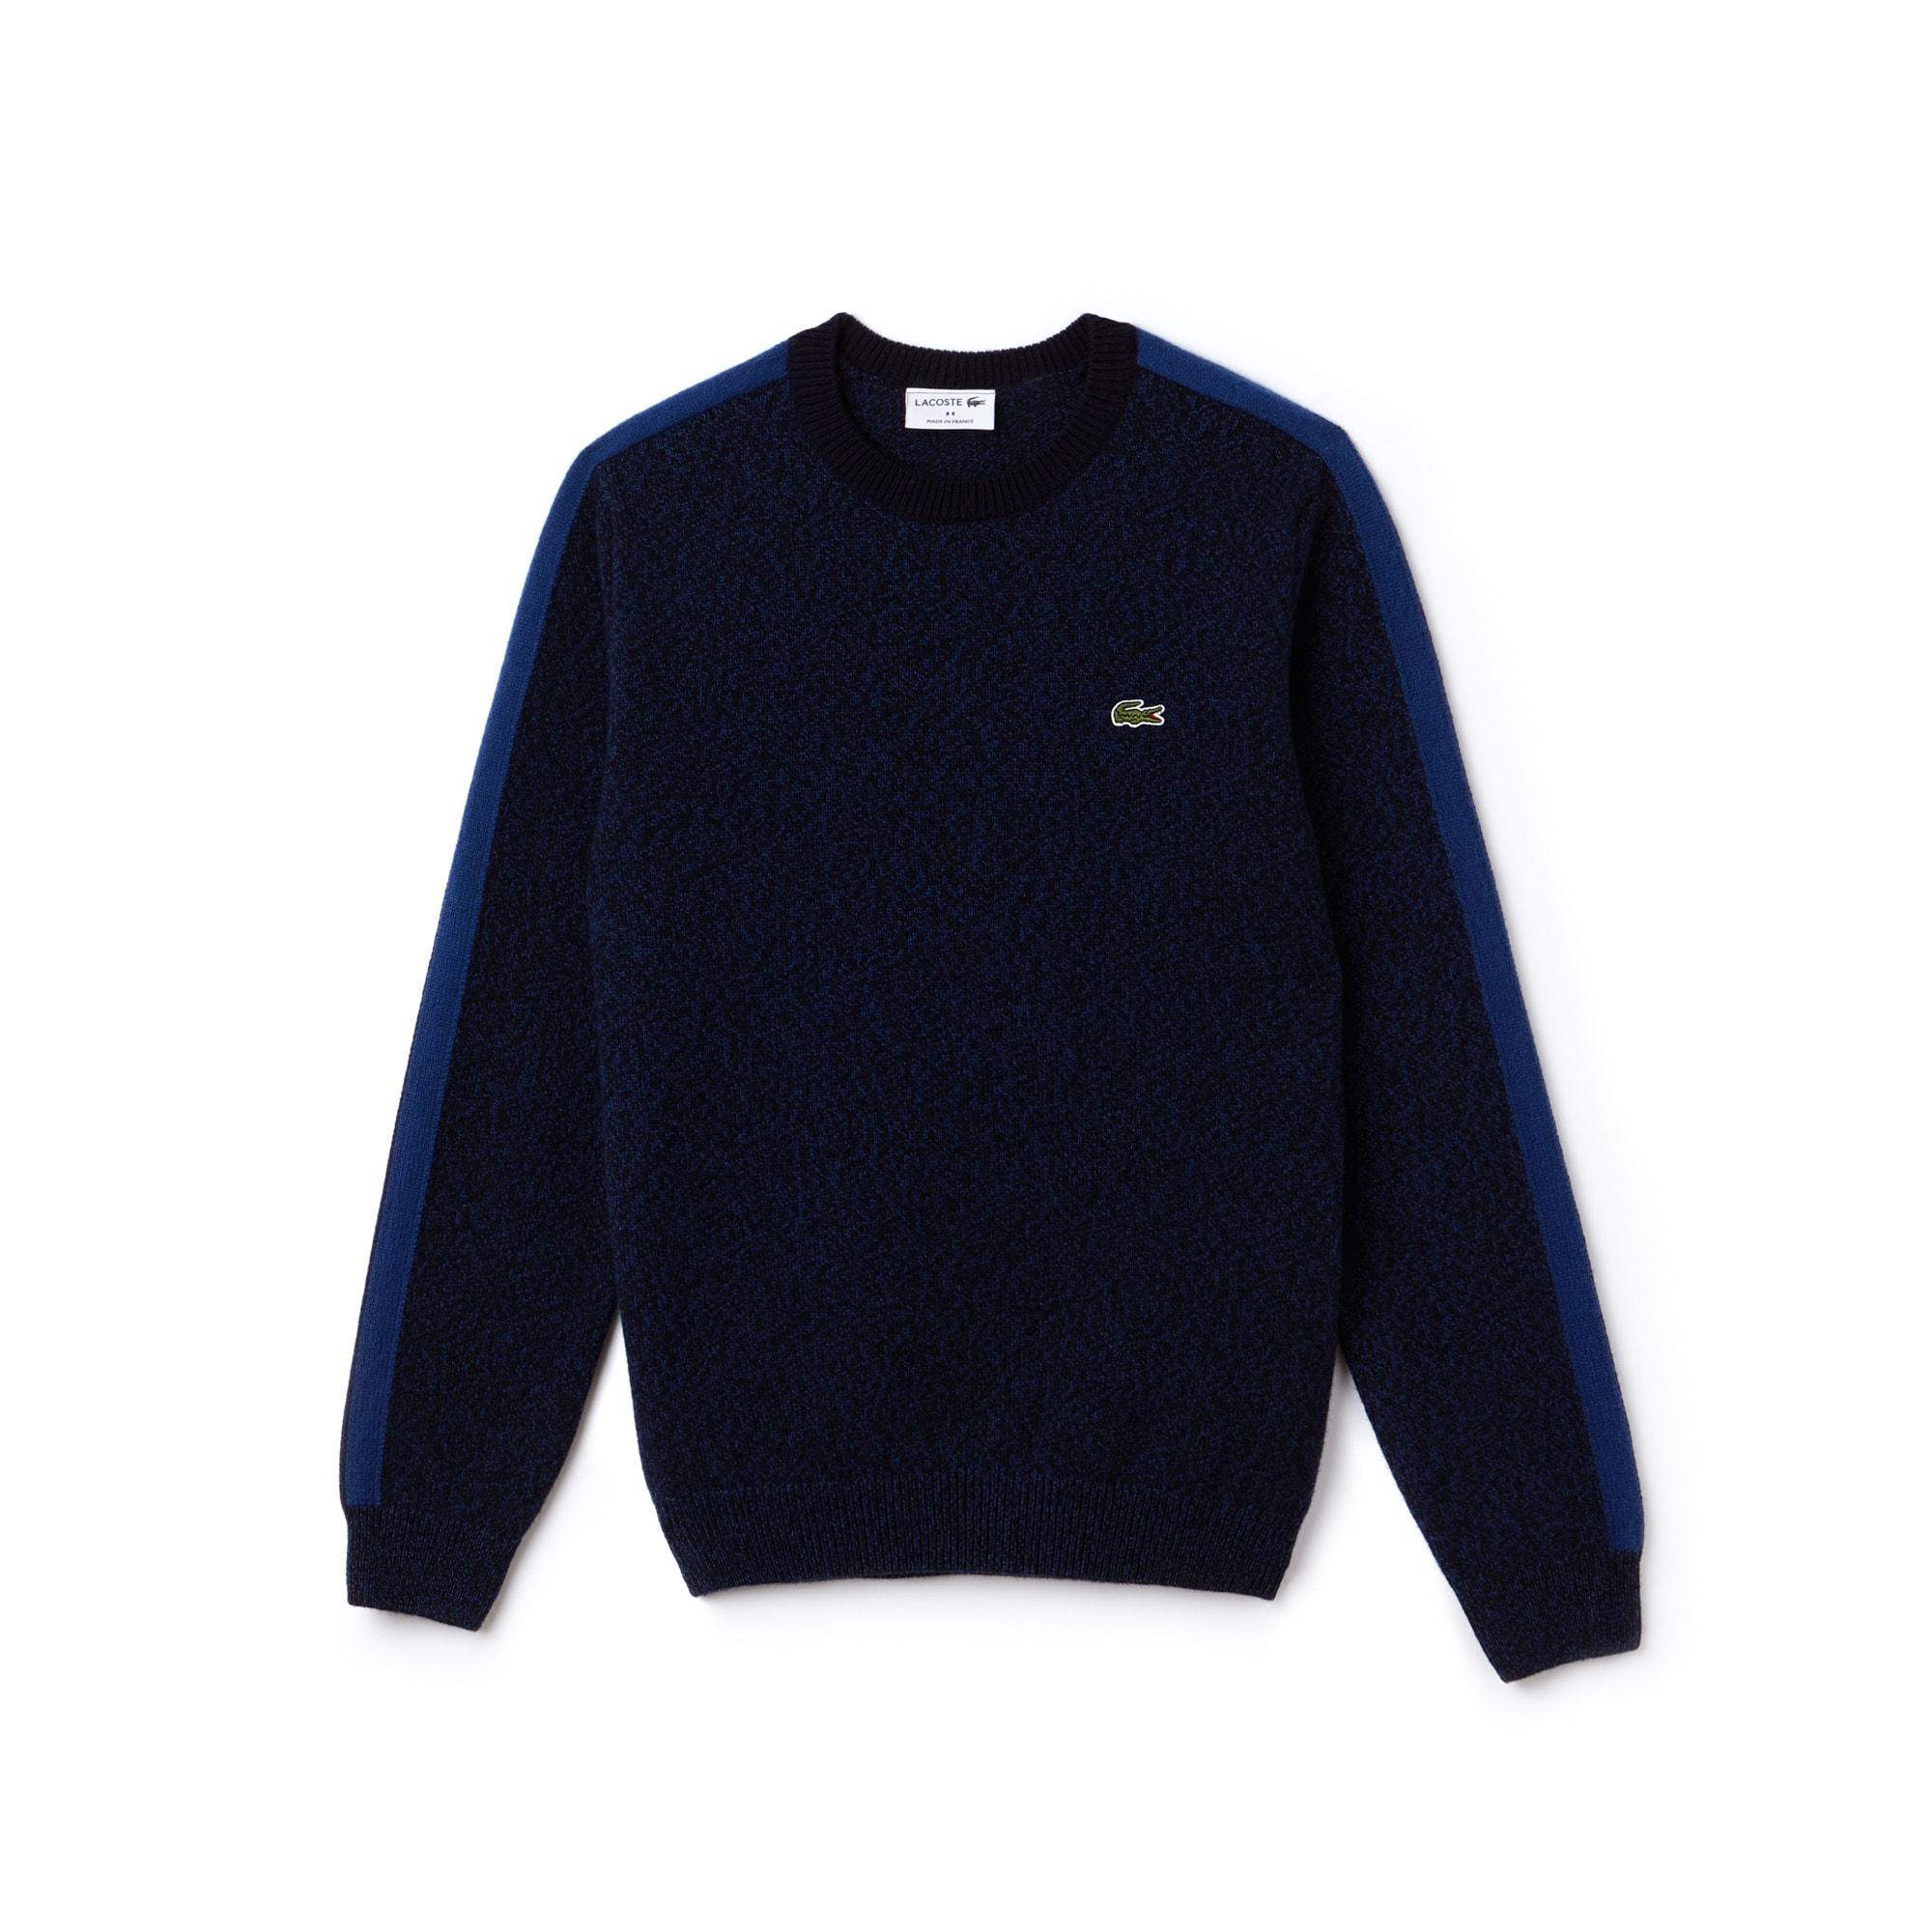 Made in France-sweater heren ronde hals jersey met contrasterende stroken